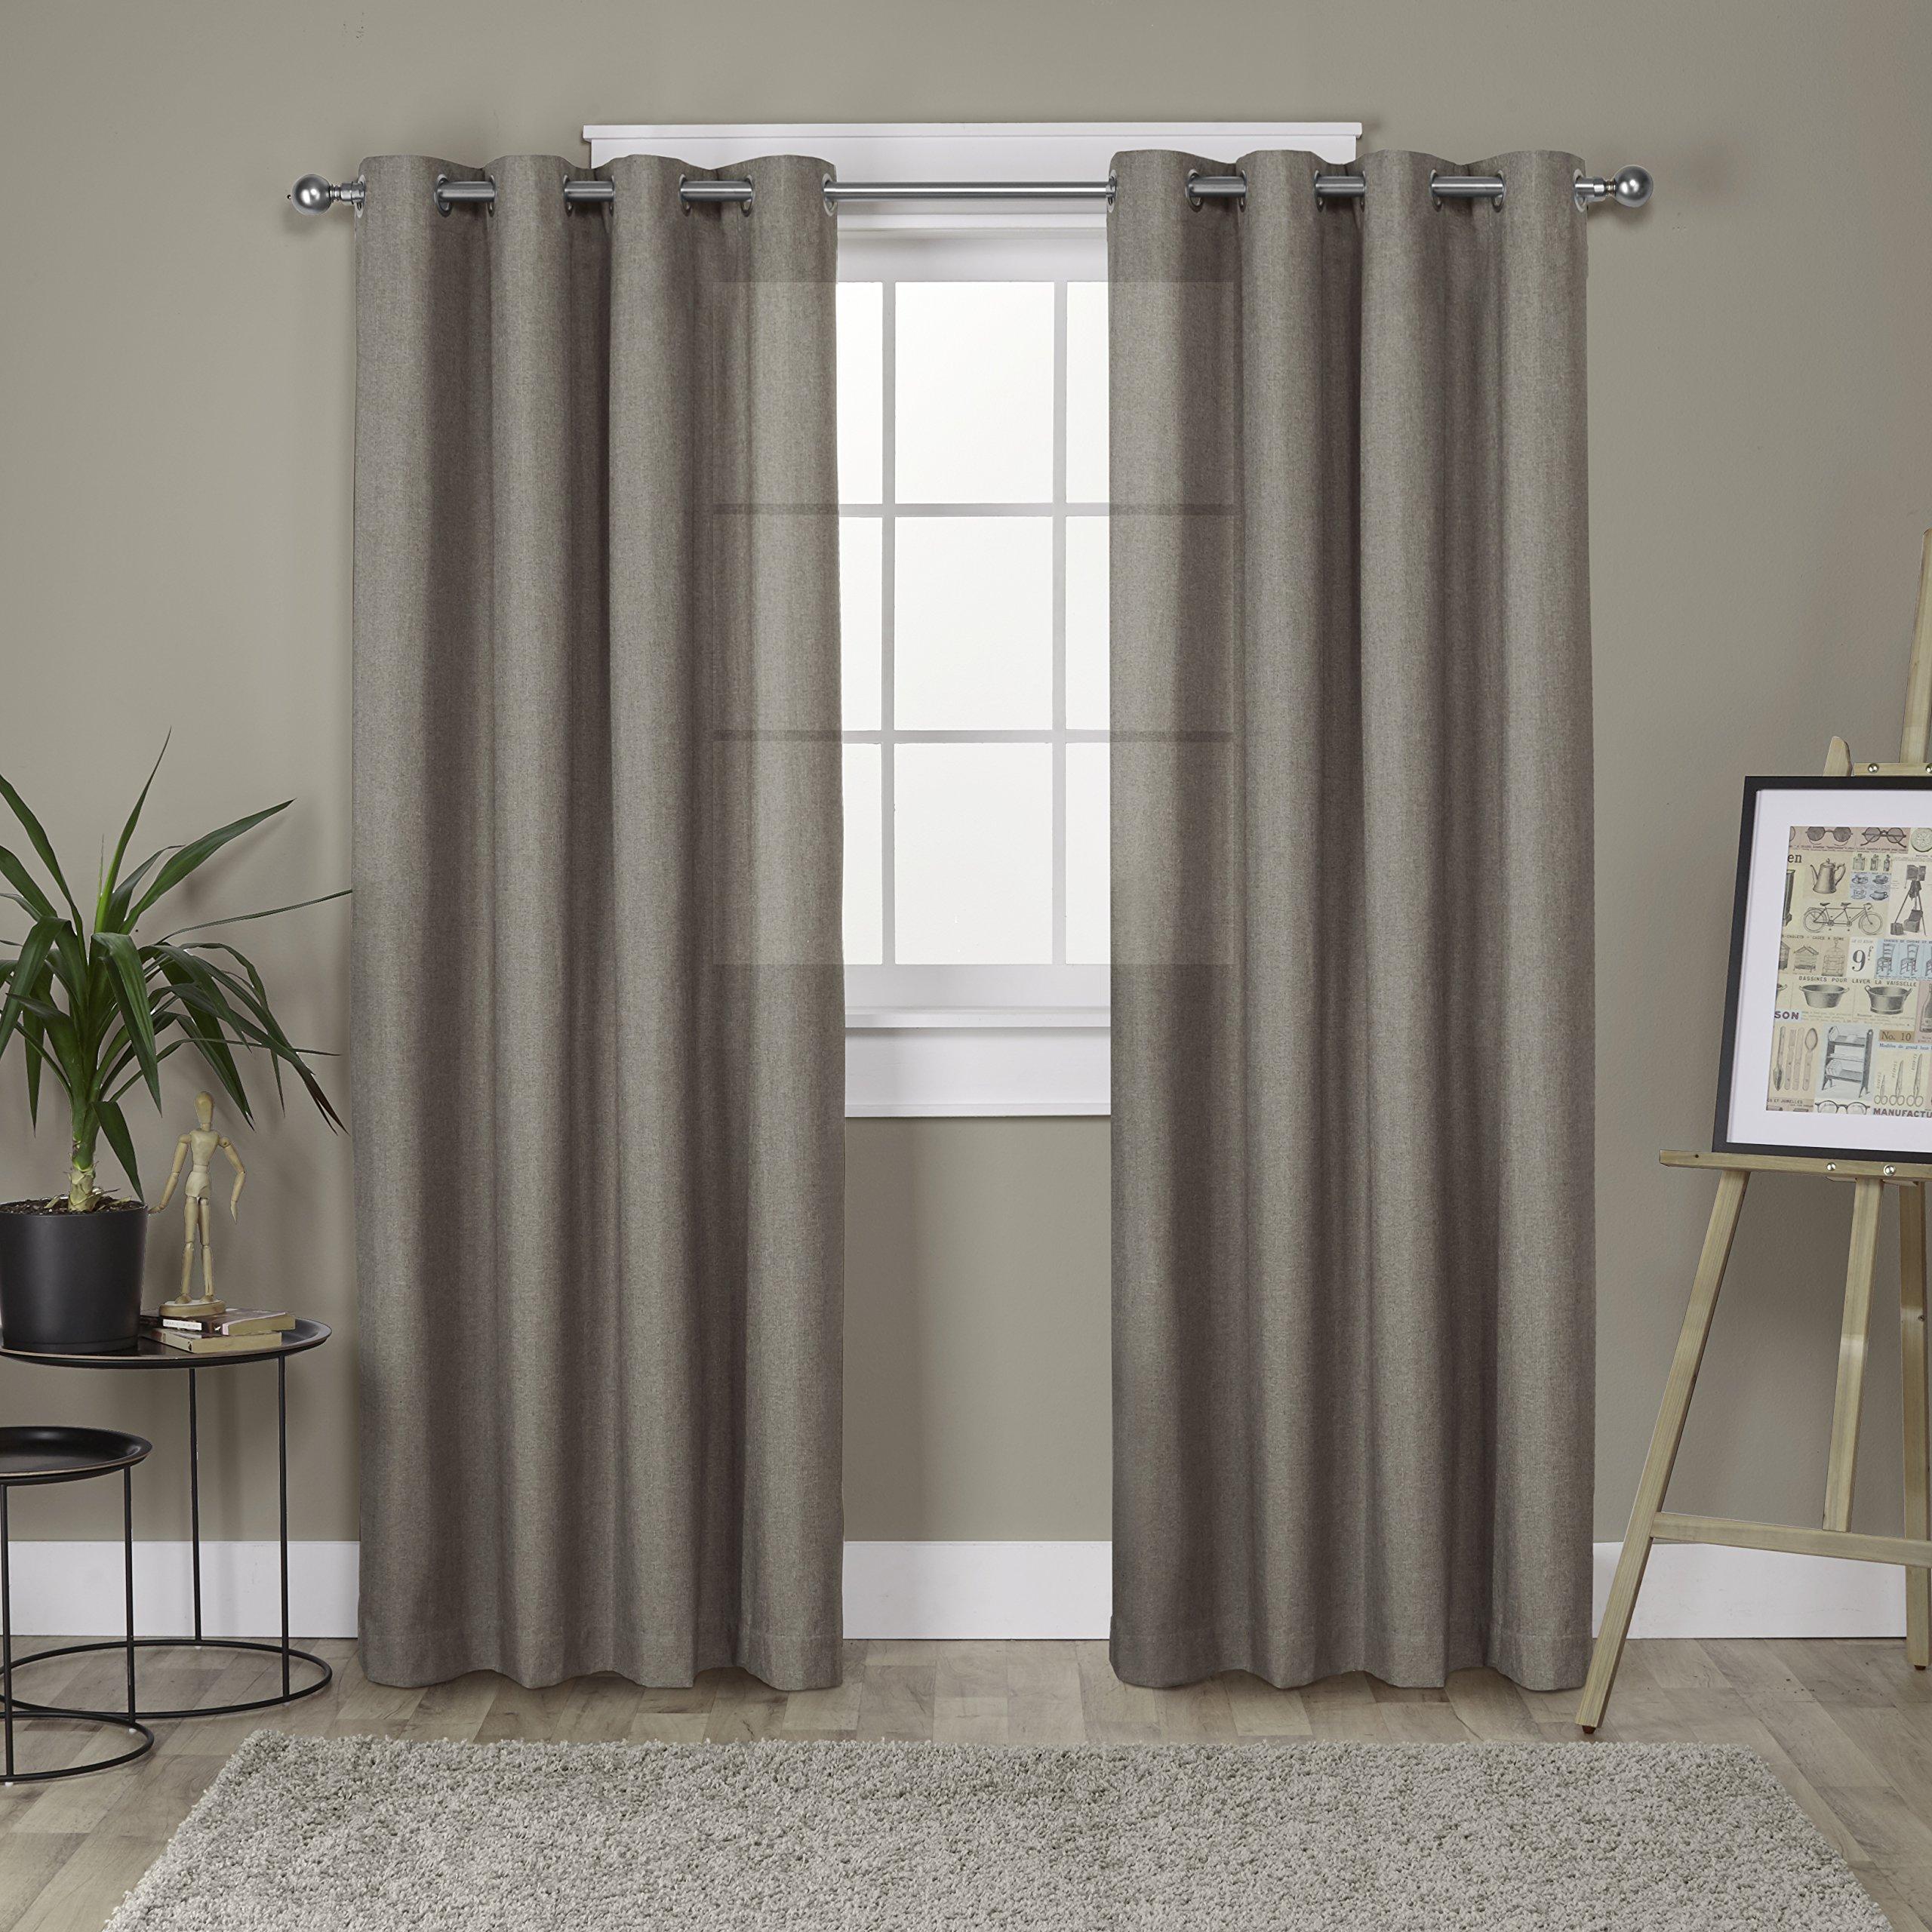 Exclusive Home Curtains Loha Linen Grommet Top Window Curtain Panel Pair, Café, 52x96